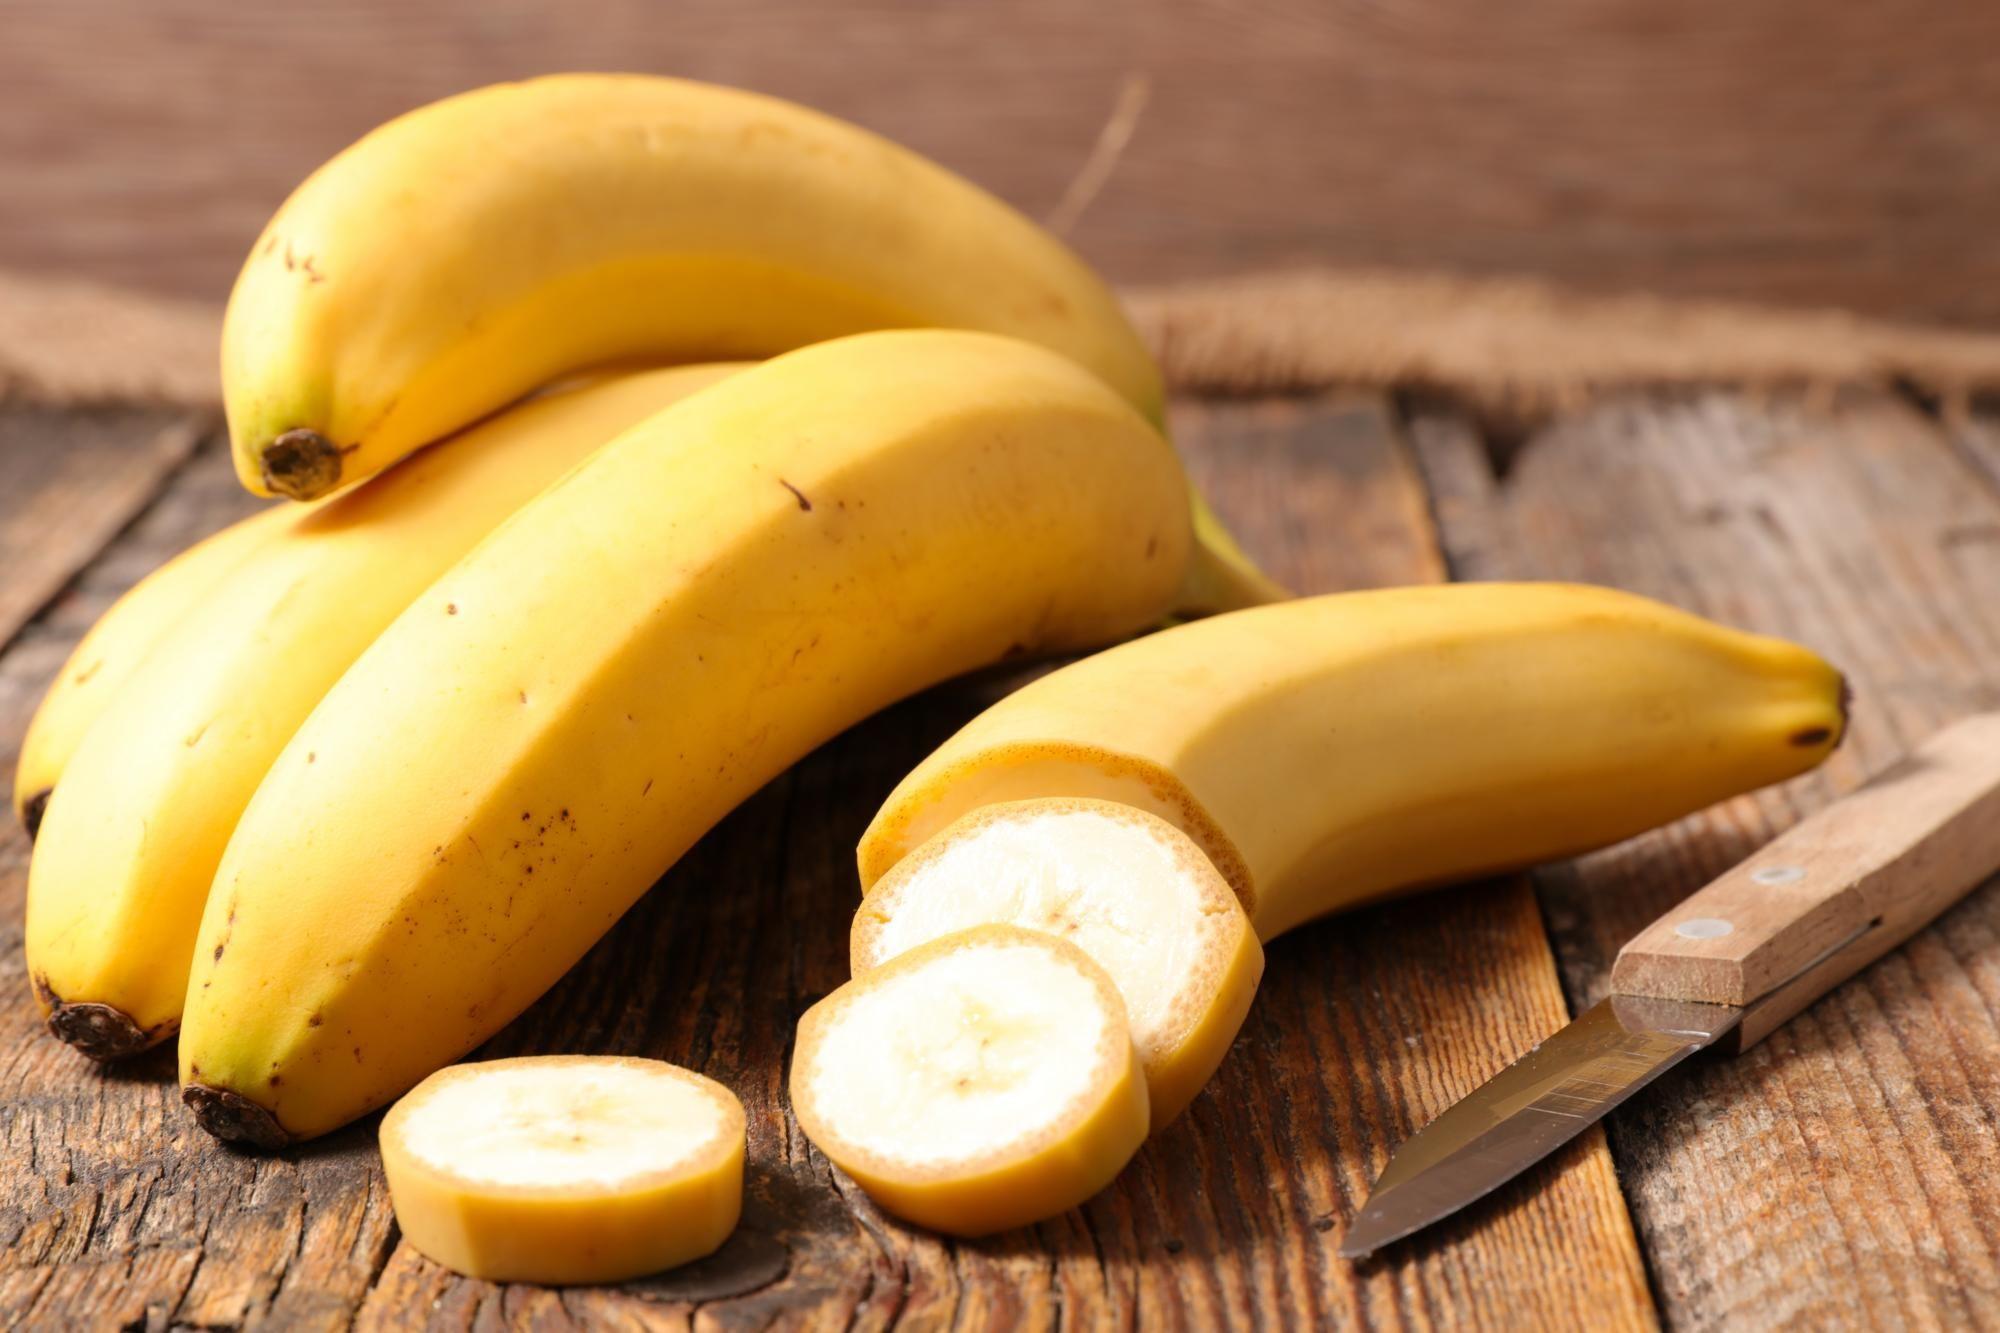 Efekti që kanë bananet në shëndetin e njeriut - Mekuli Press